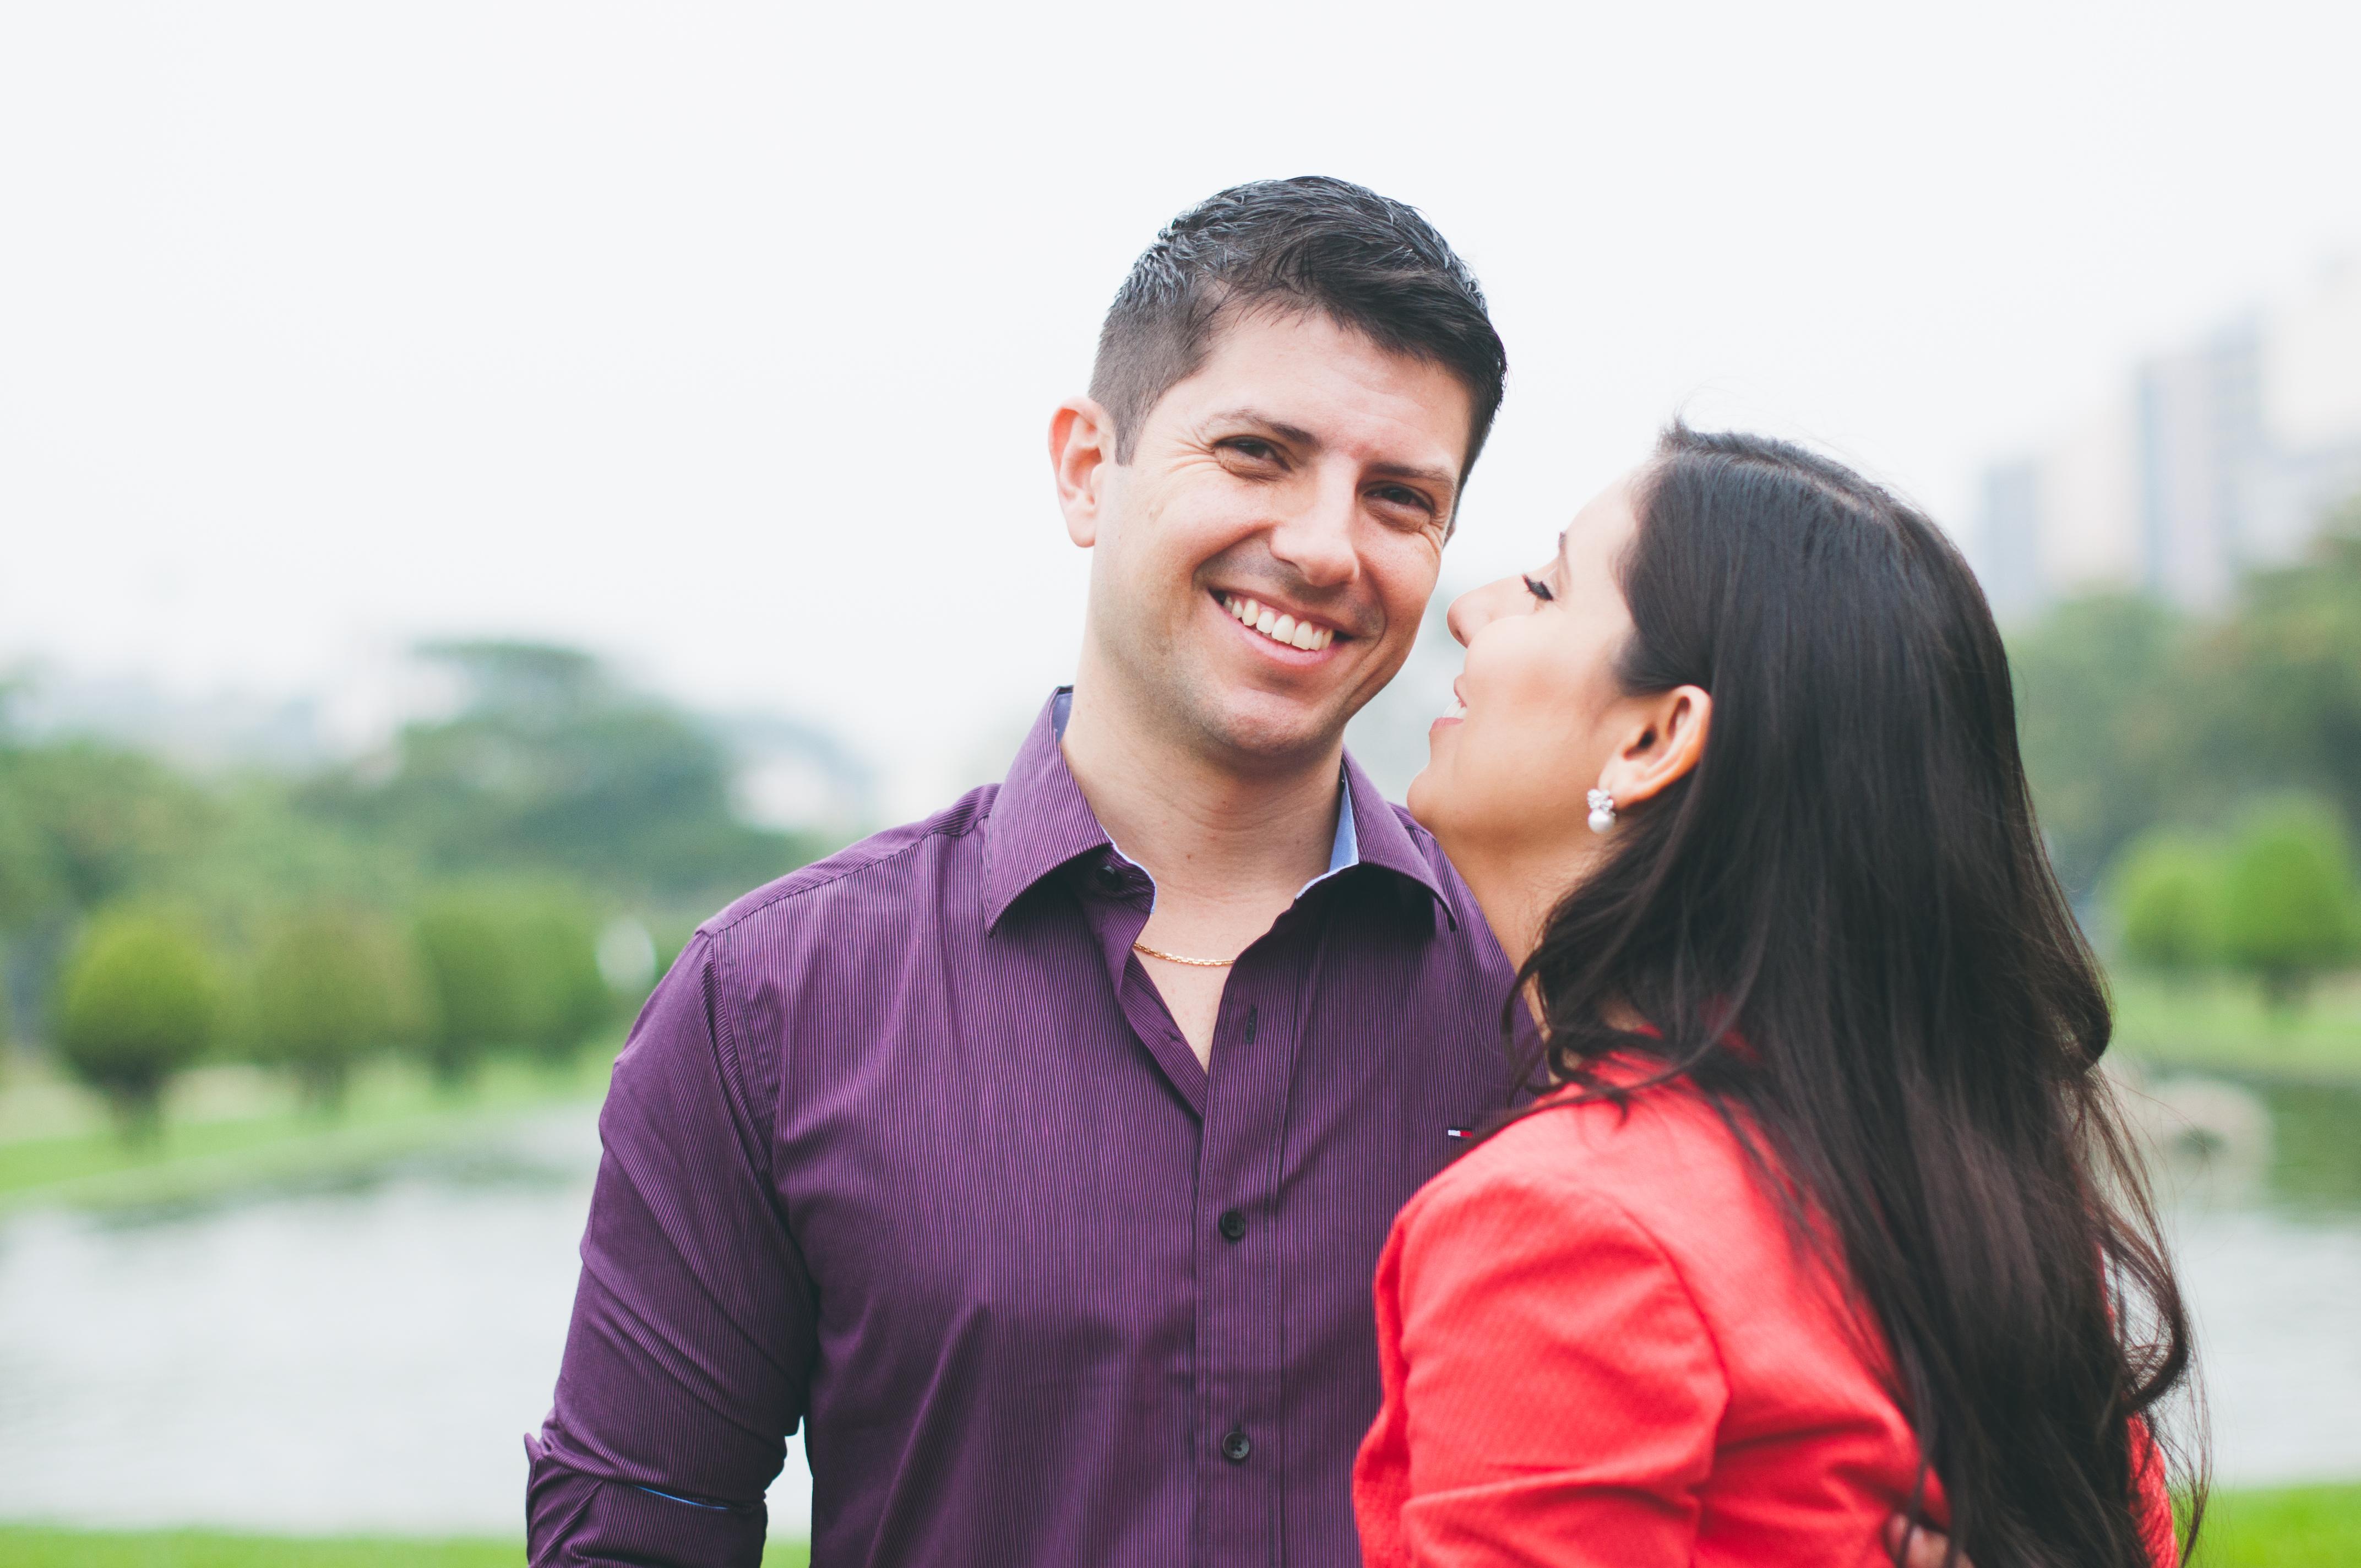 Vivian e Luiz-195.jpg